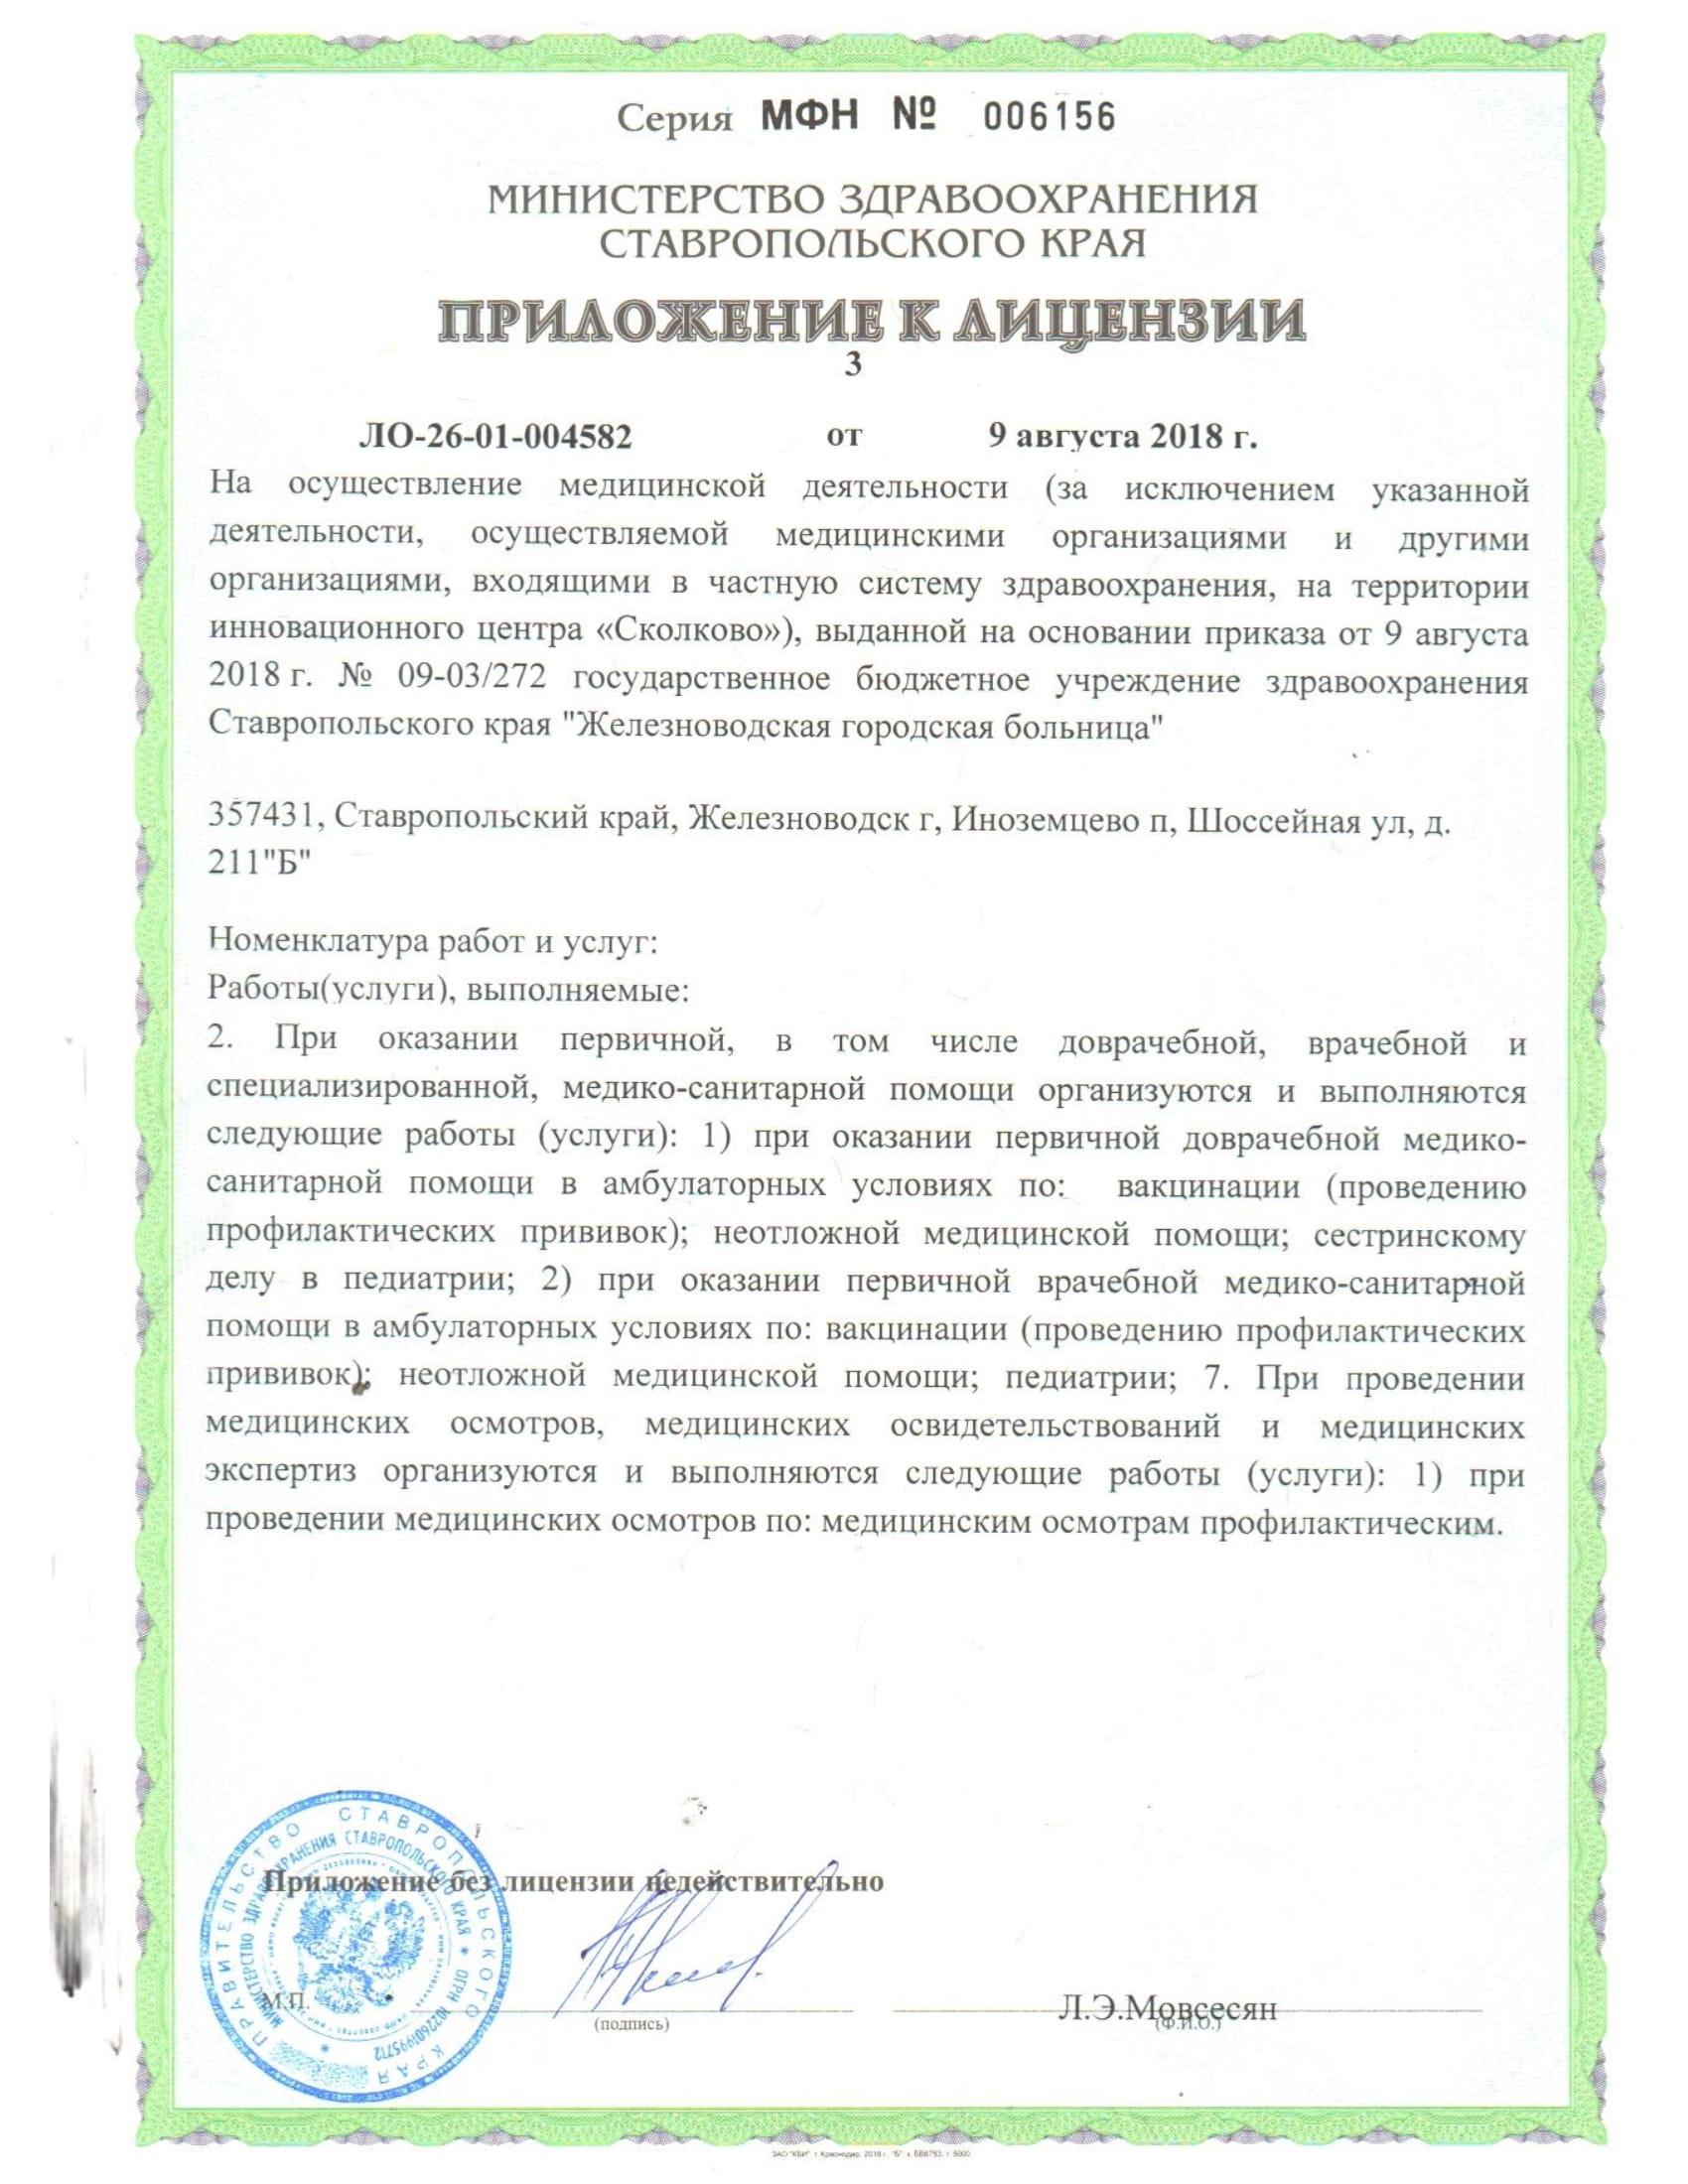 лицензия 2018 от 09.08.2018-06